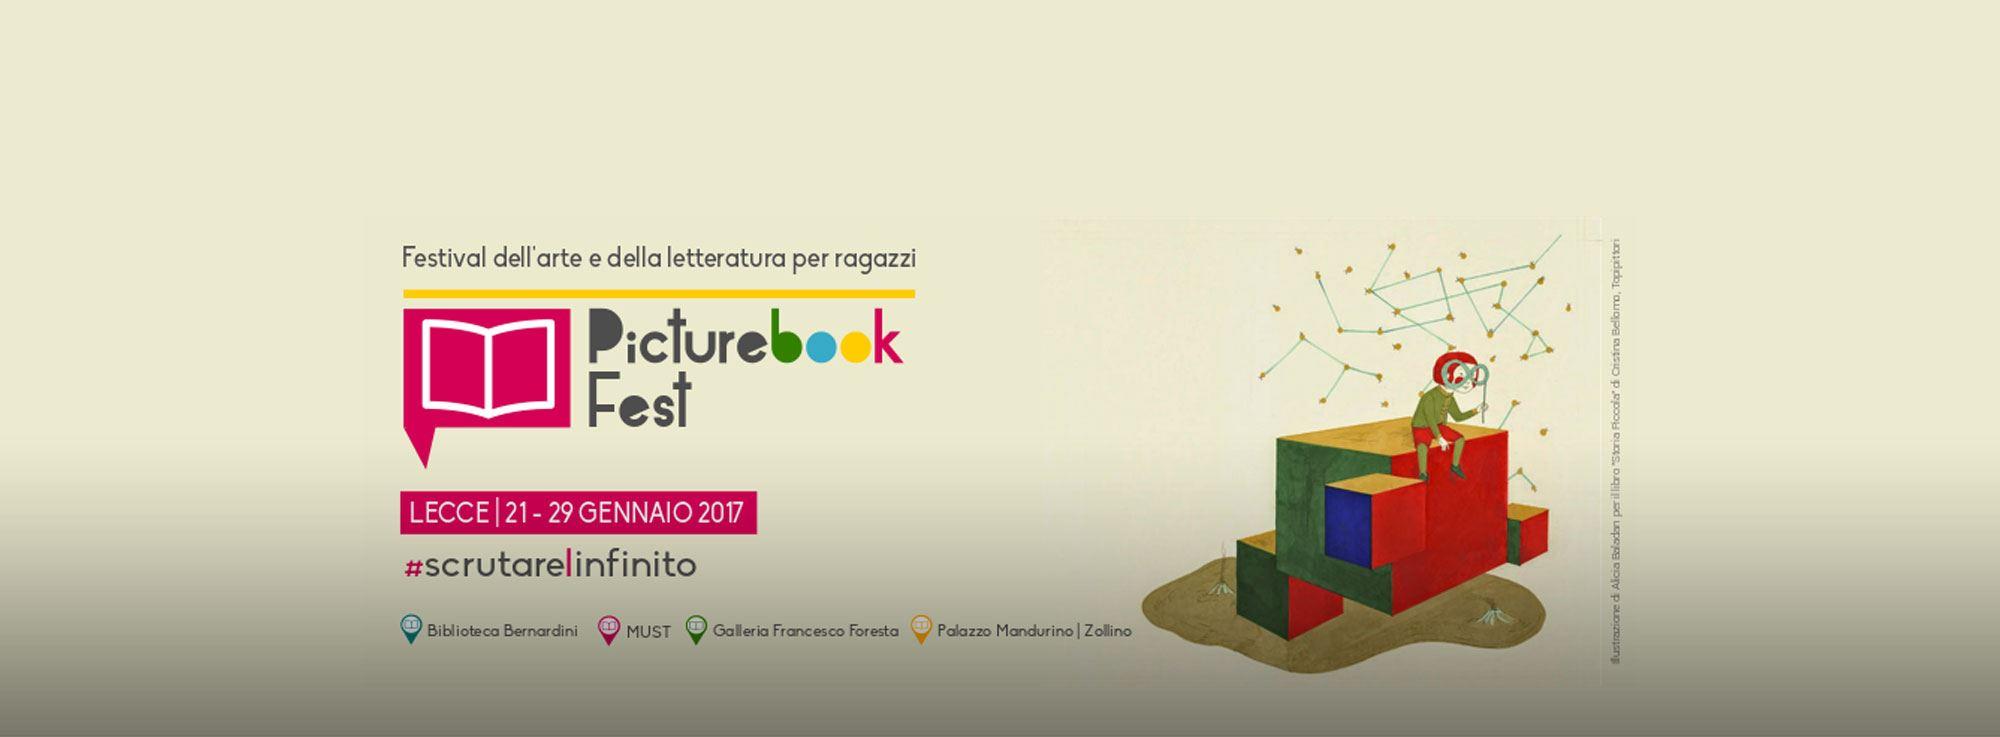 Lecce: PICTUREBOOK, festival di arte e letteratura per ragazzi